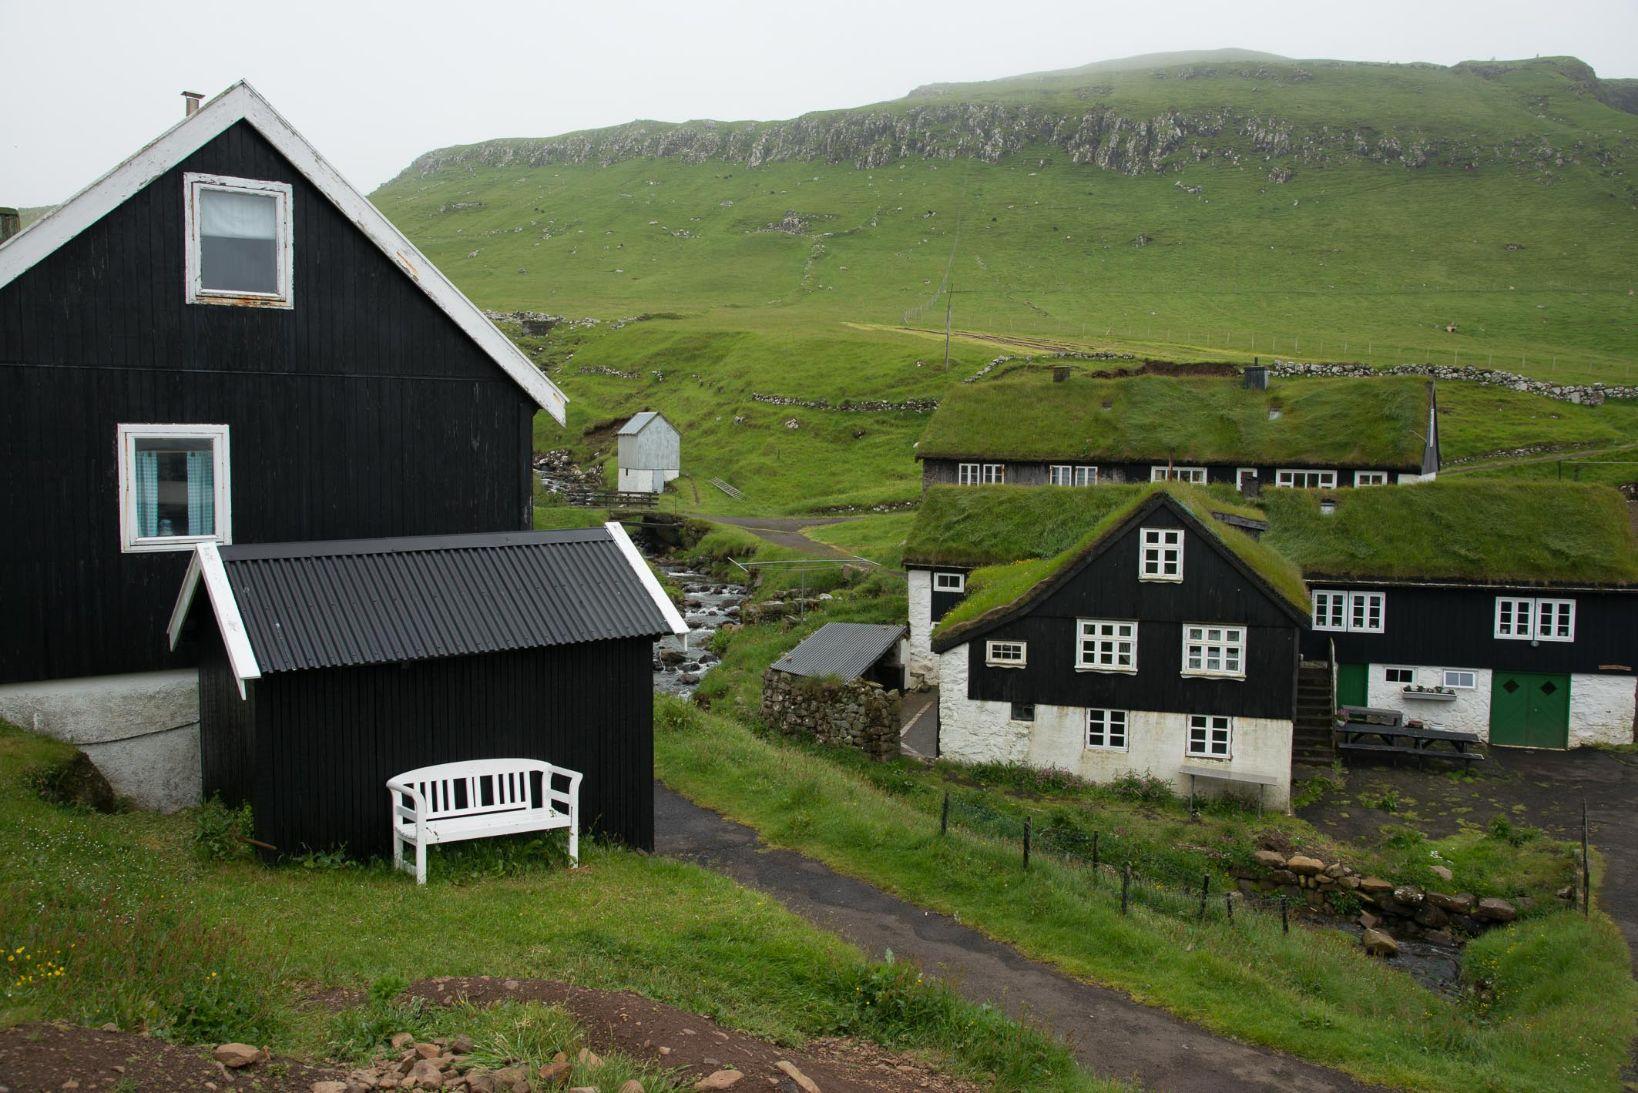 Typická faerská architektura s travnatými střechami